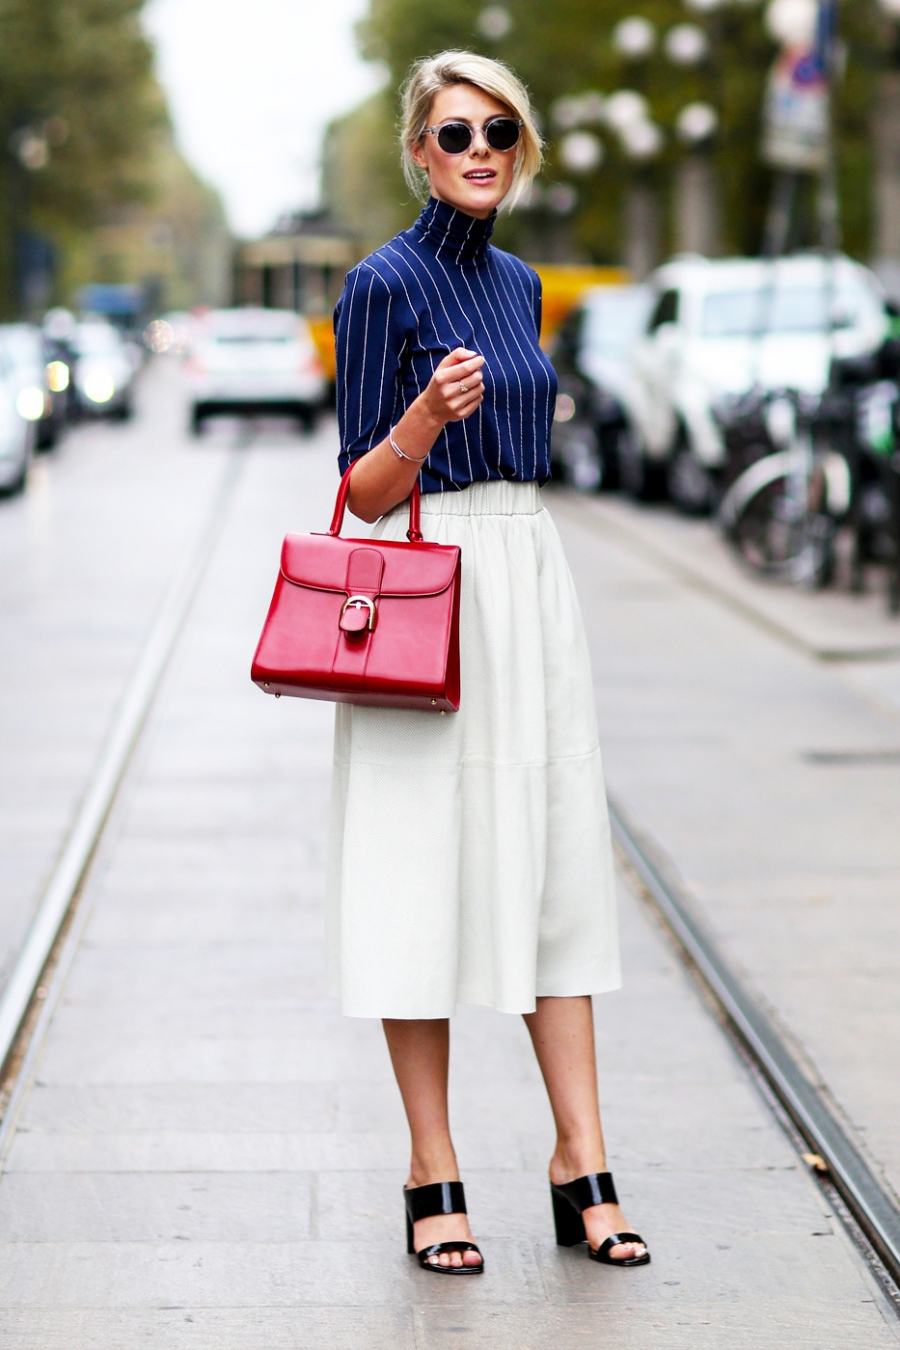 Белая юбка темно синего цвета и красная сумка.